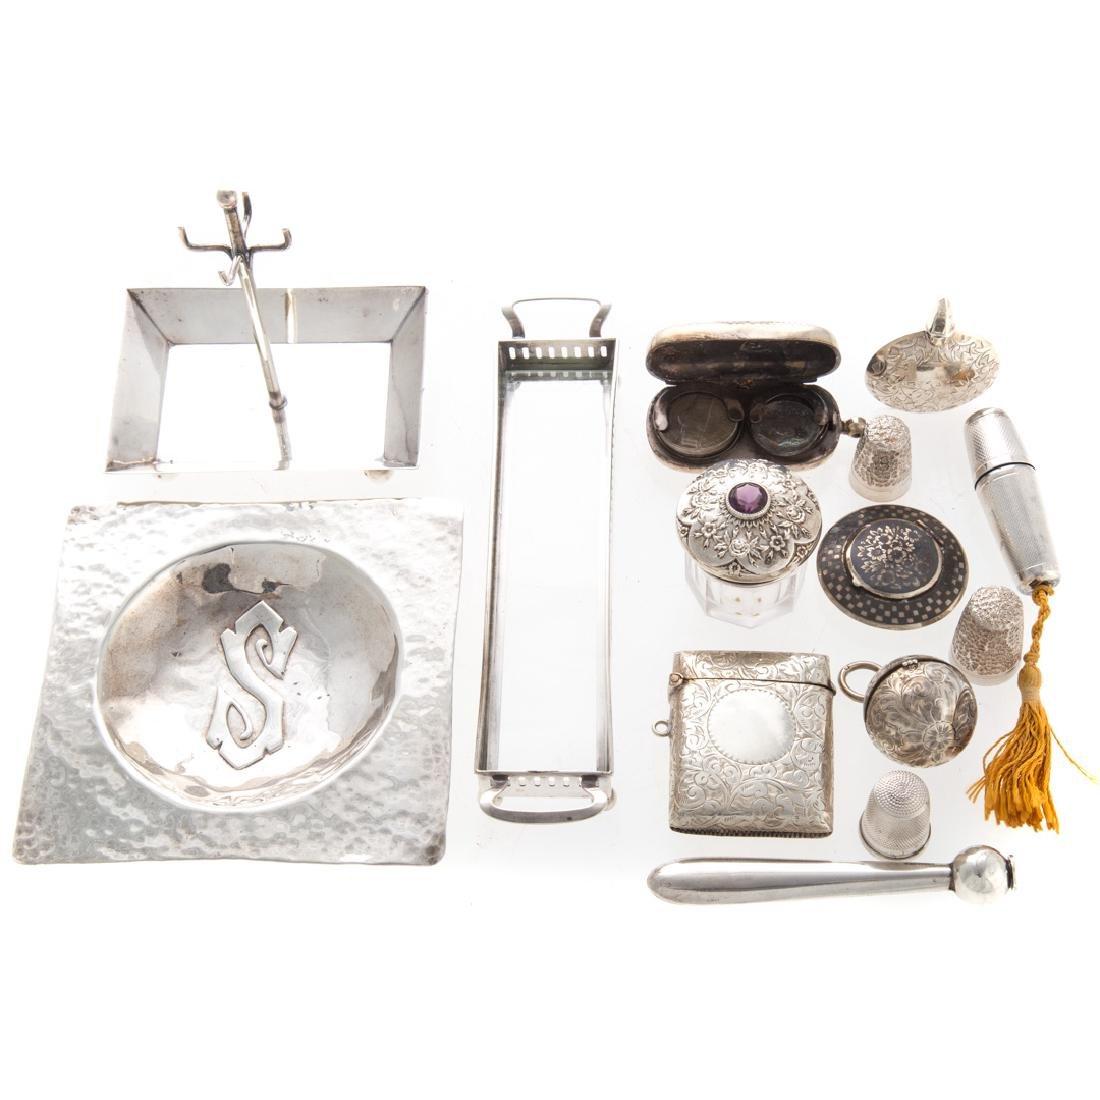 Collection of sterling objets de vertu